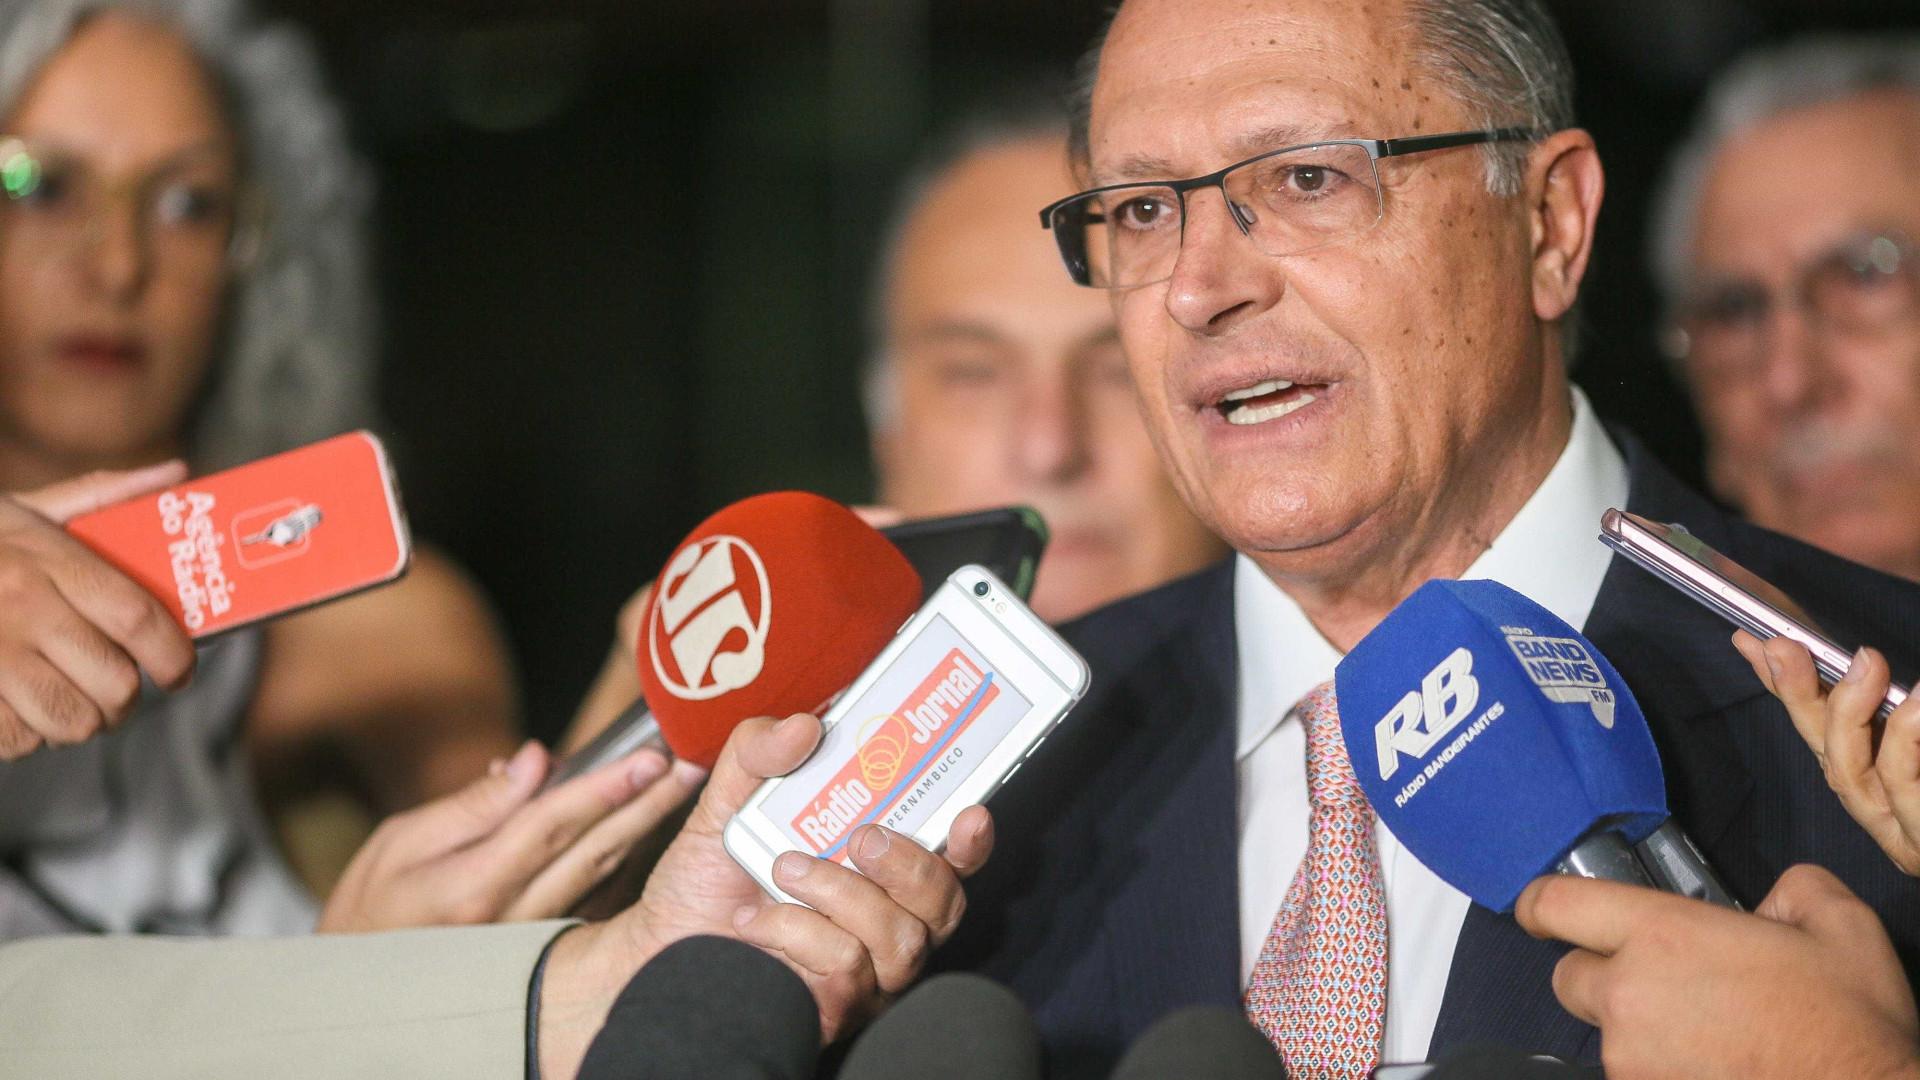 Alckmin questiona o 'novo' e defende a experiência para 2018